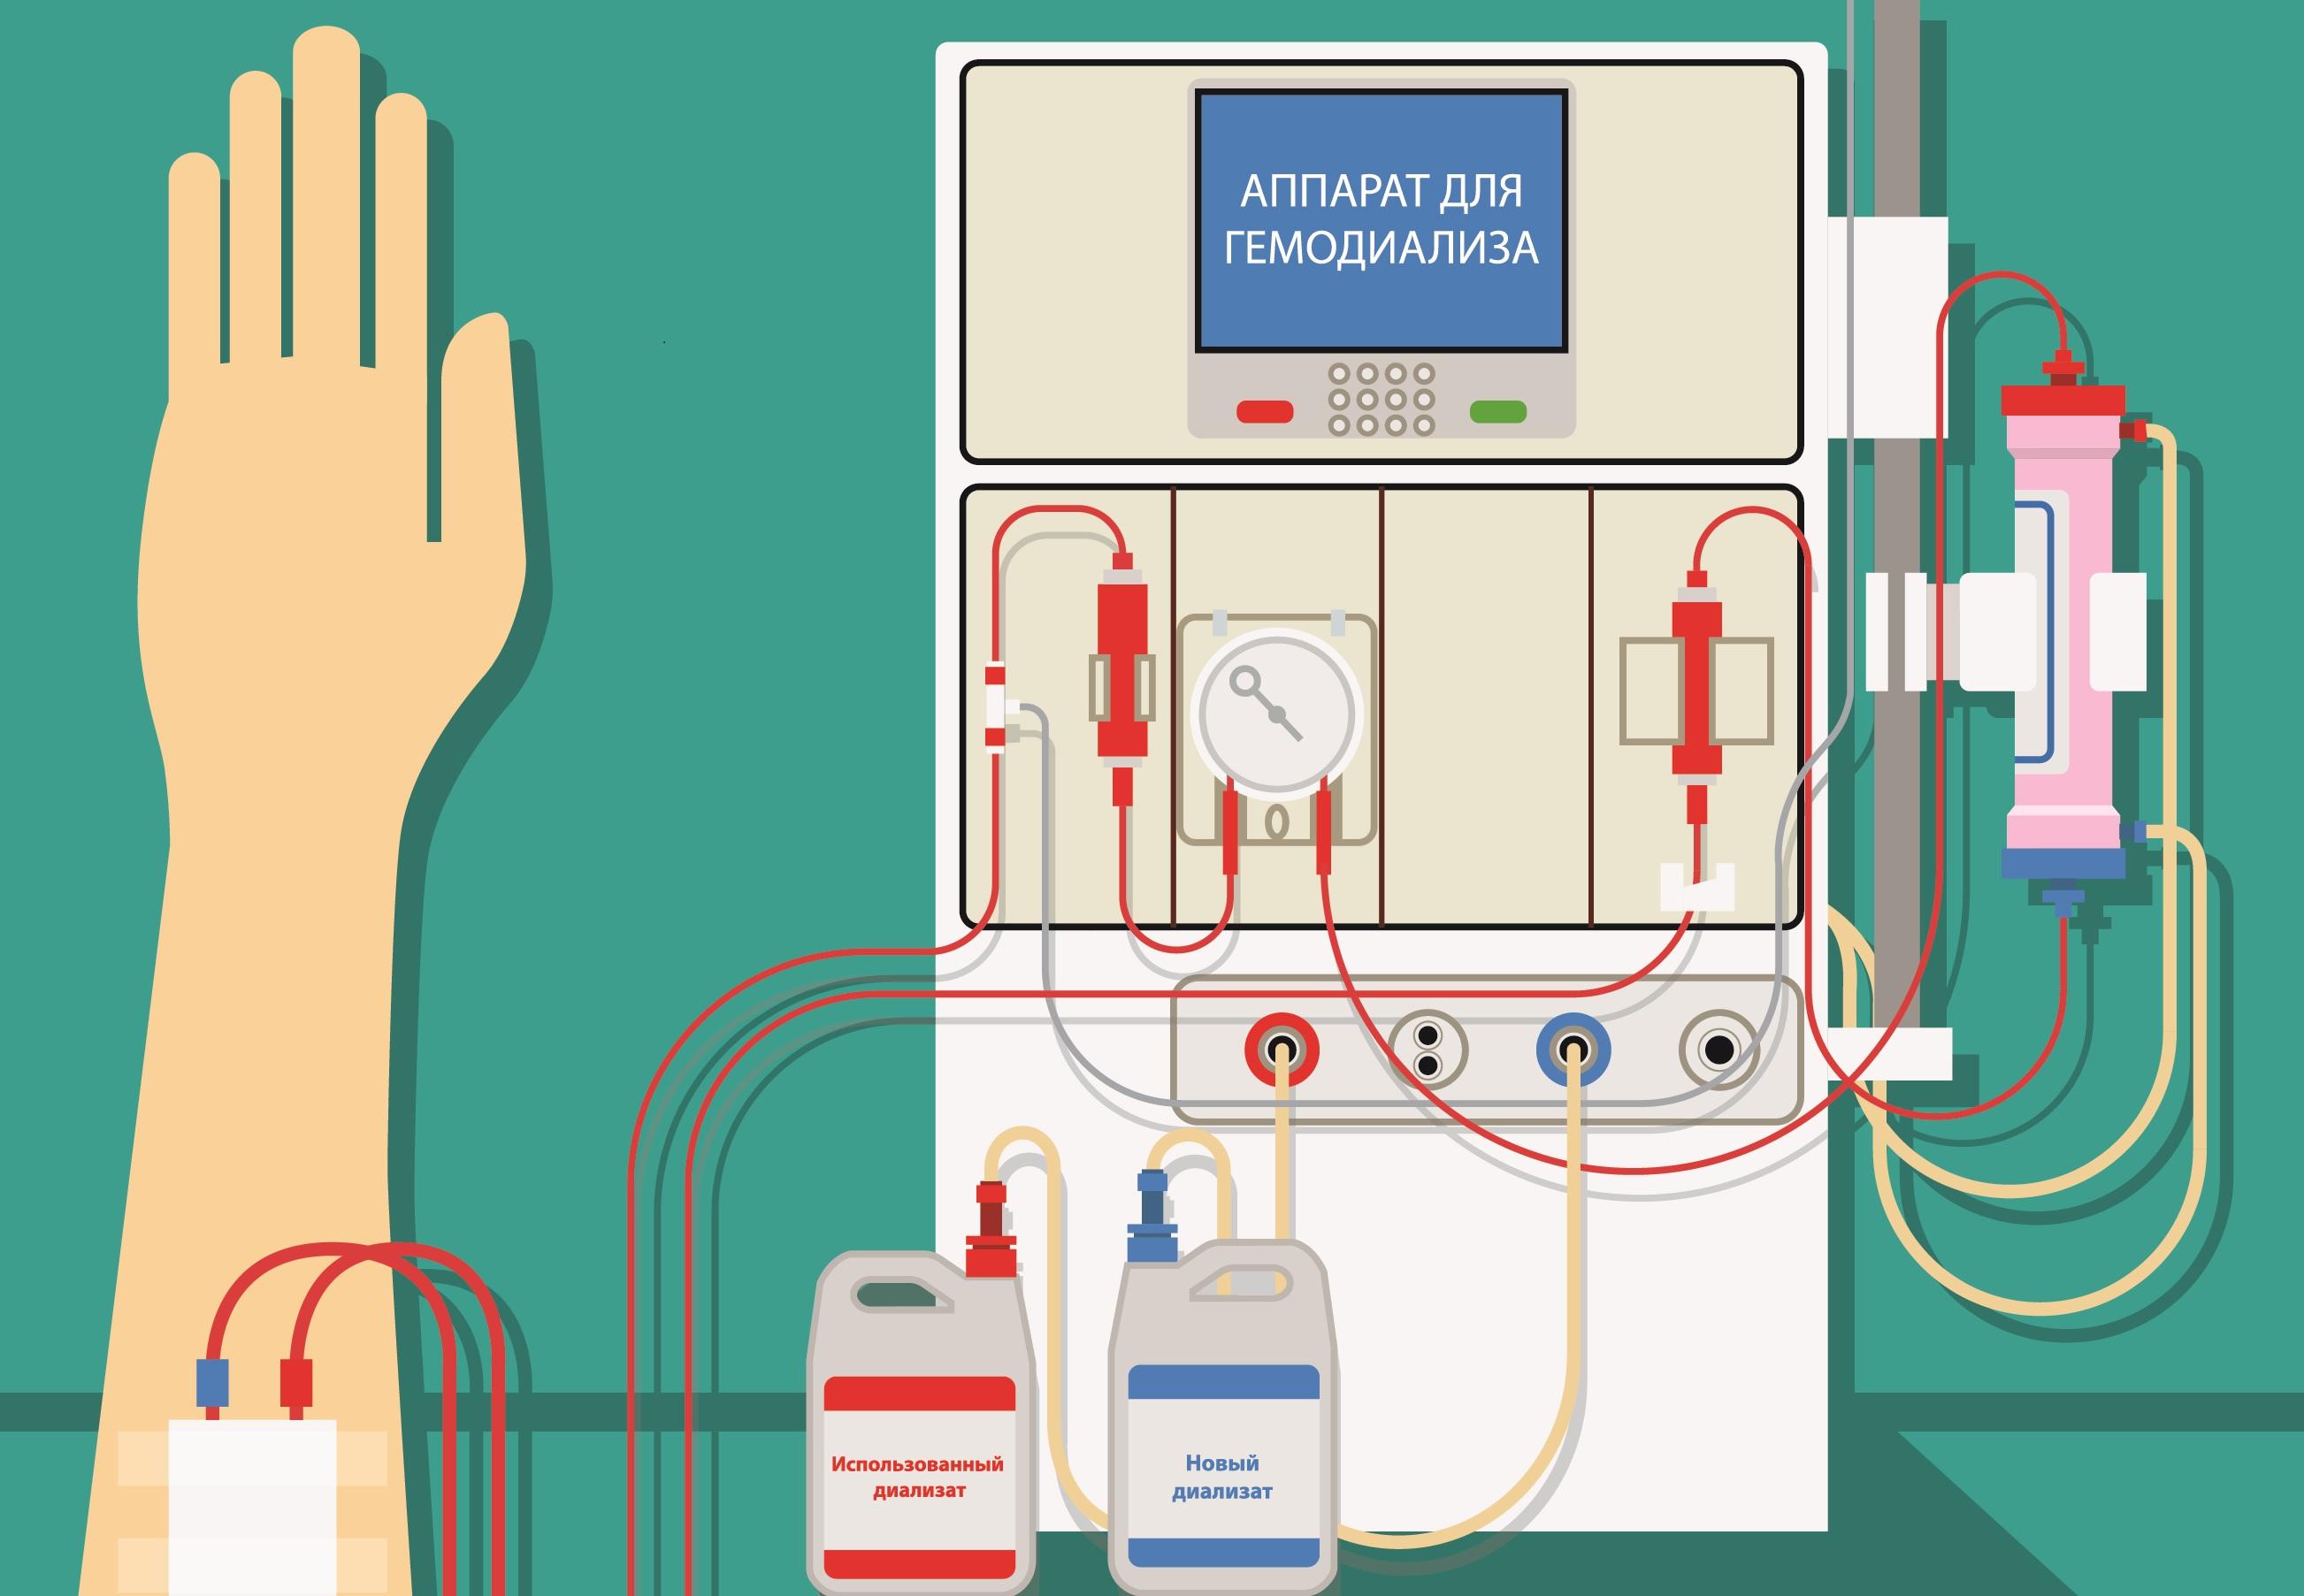 аппарат искусственной почки гемодиализ